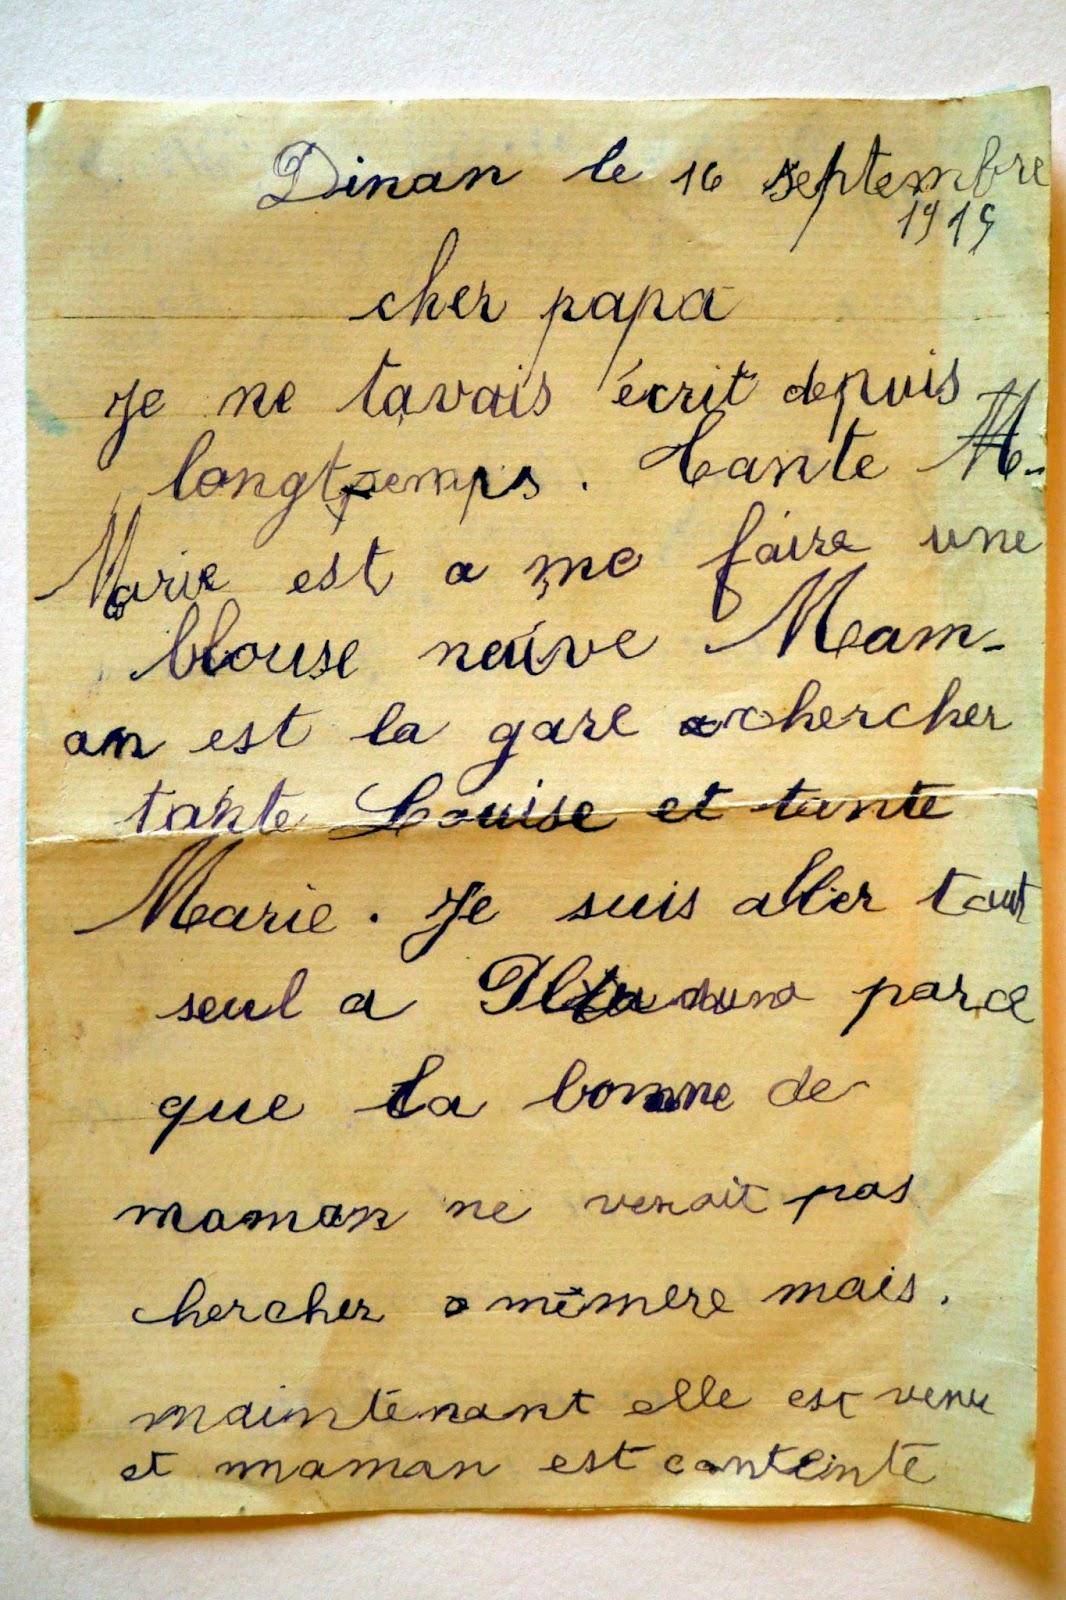 modele de lettre d une mere a son fils Lieutenant Pierre Pillon, instituteur à Dinan, poilu mort en 1917 modele de lettre d une mere a son fils